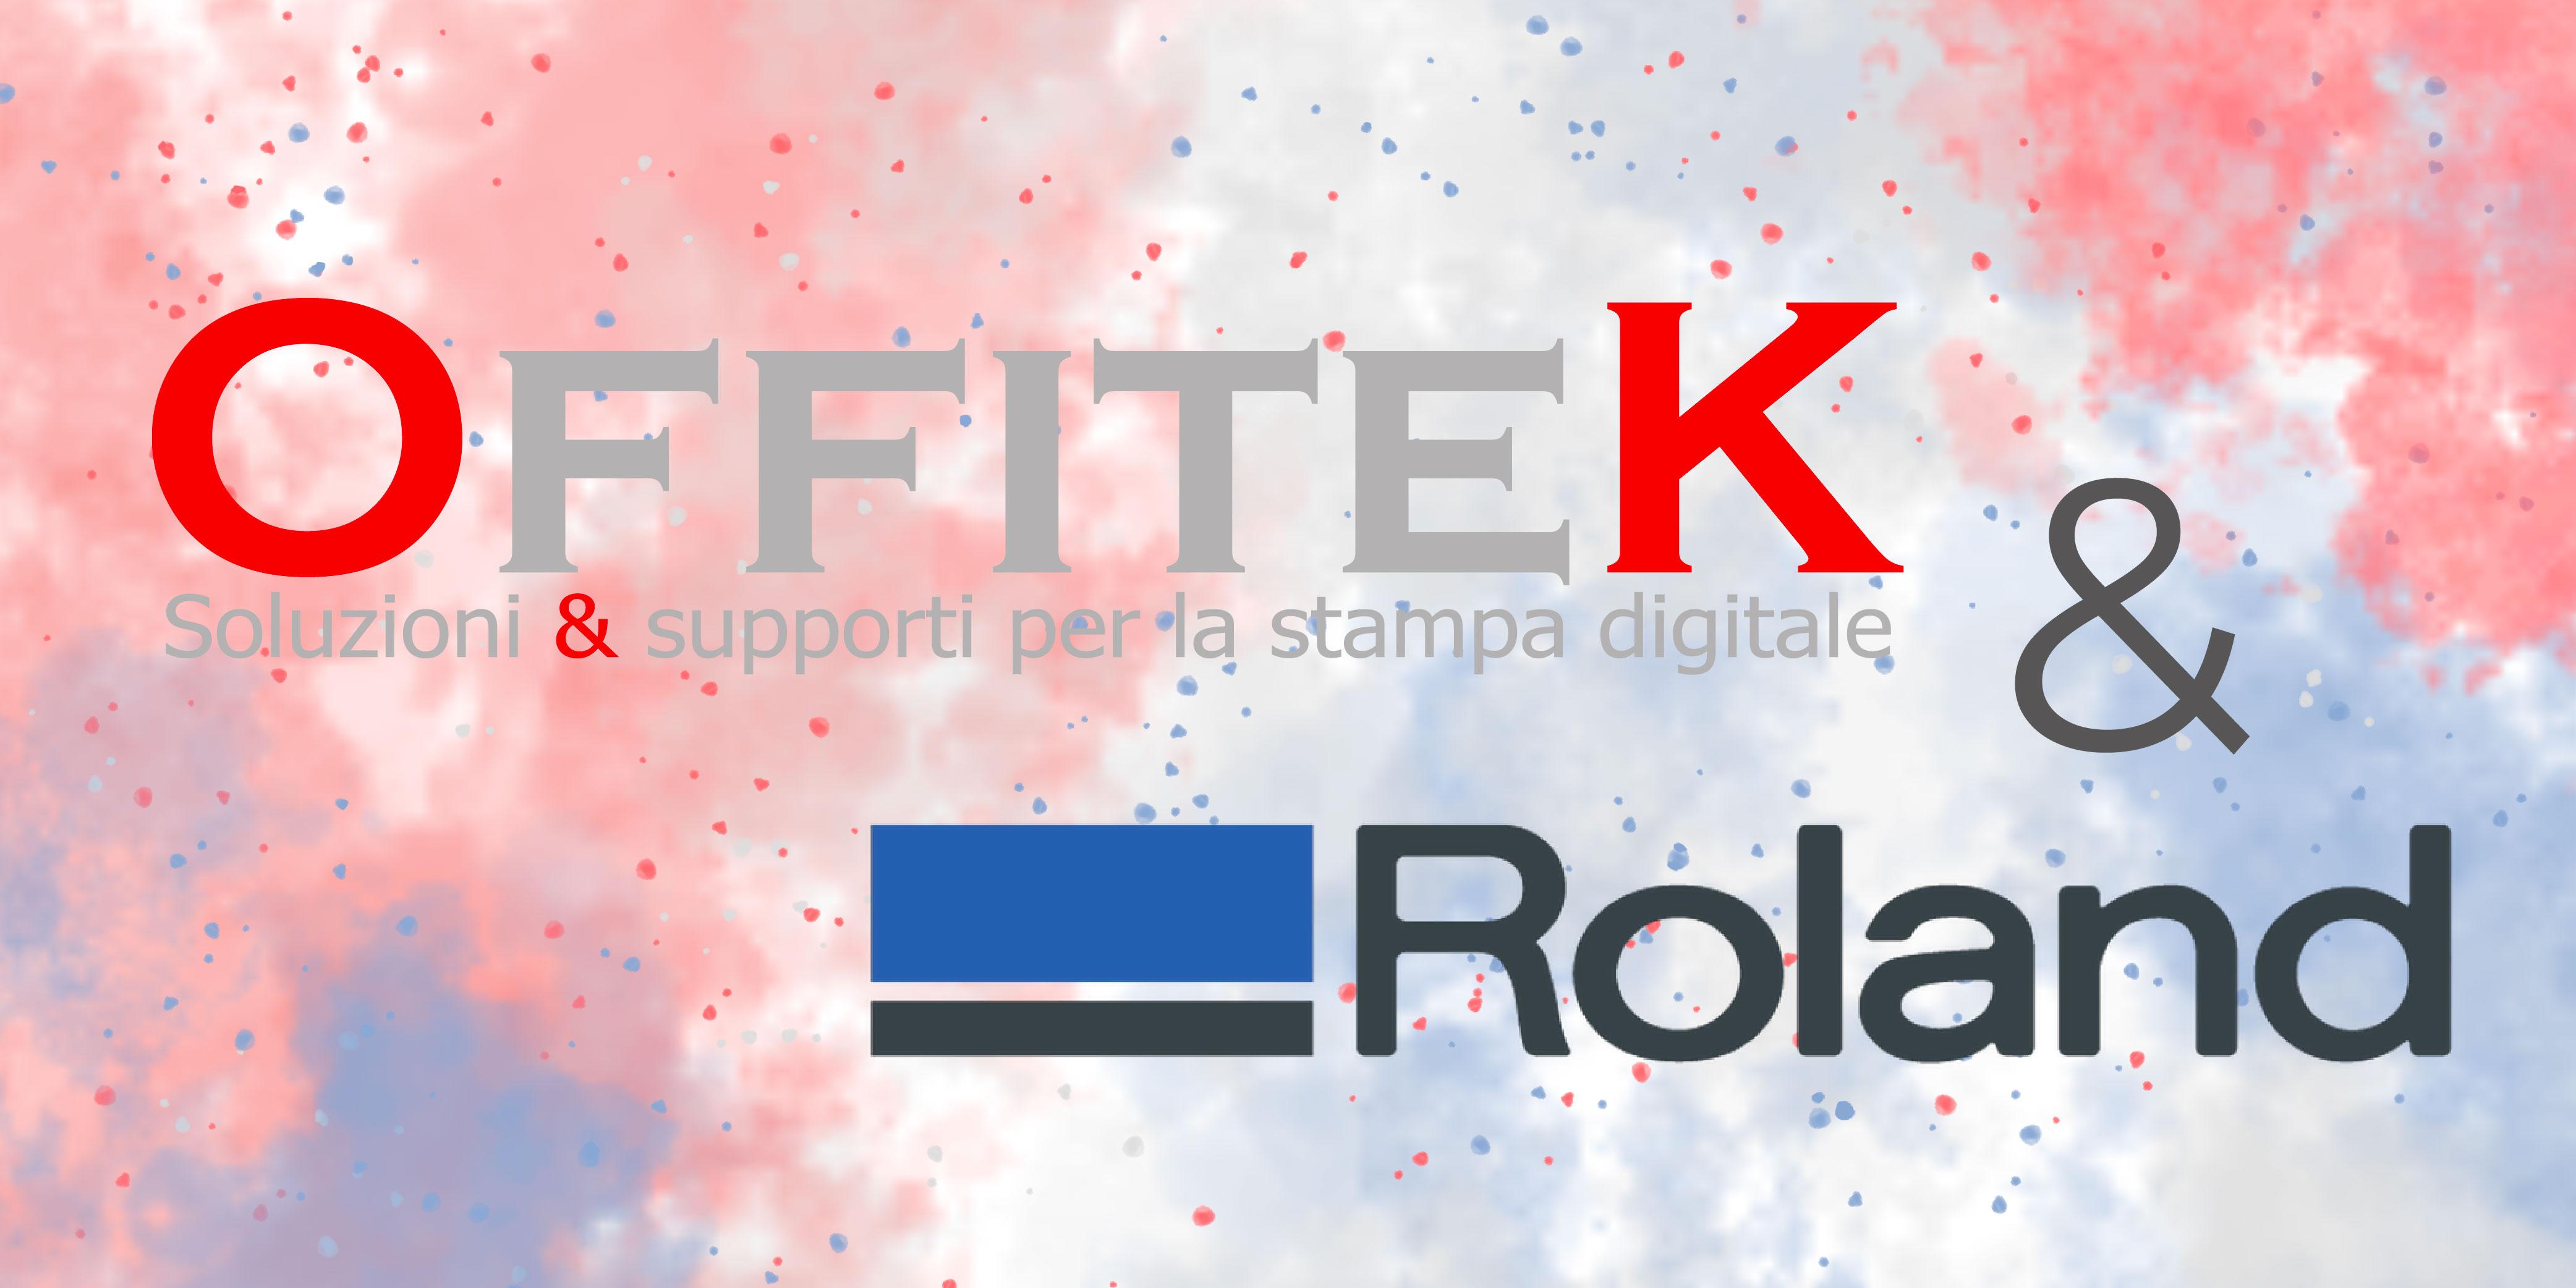 offitek-e-roland